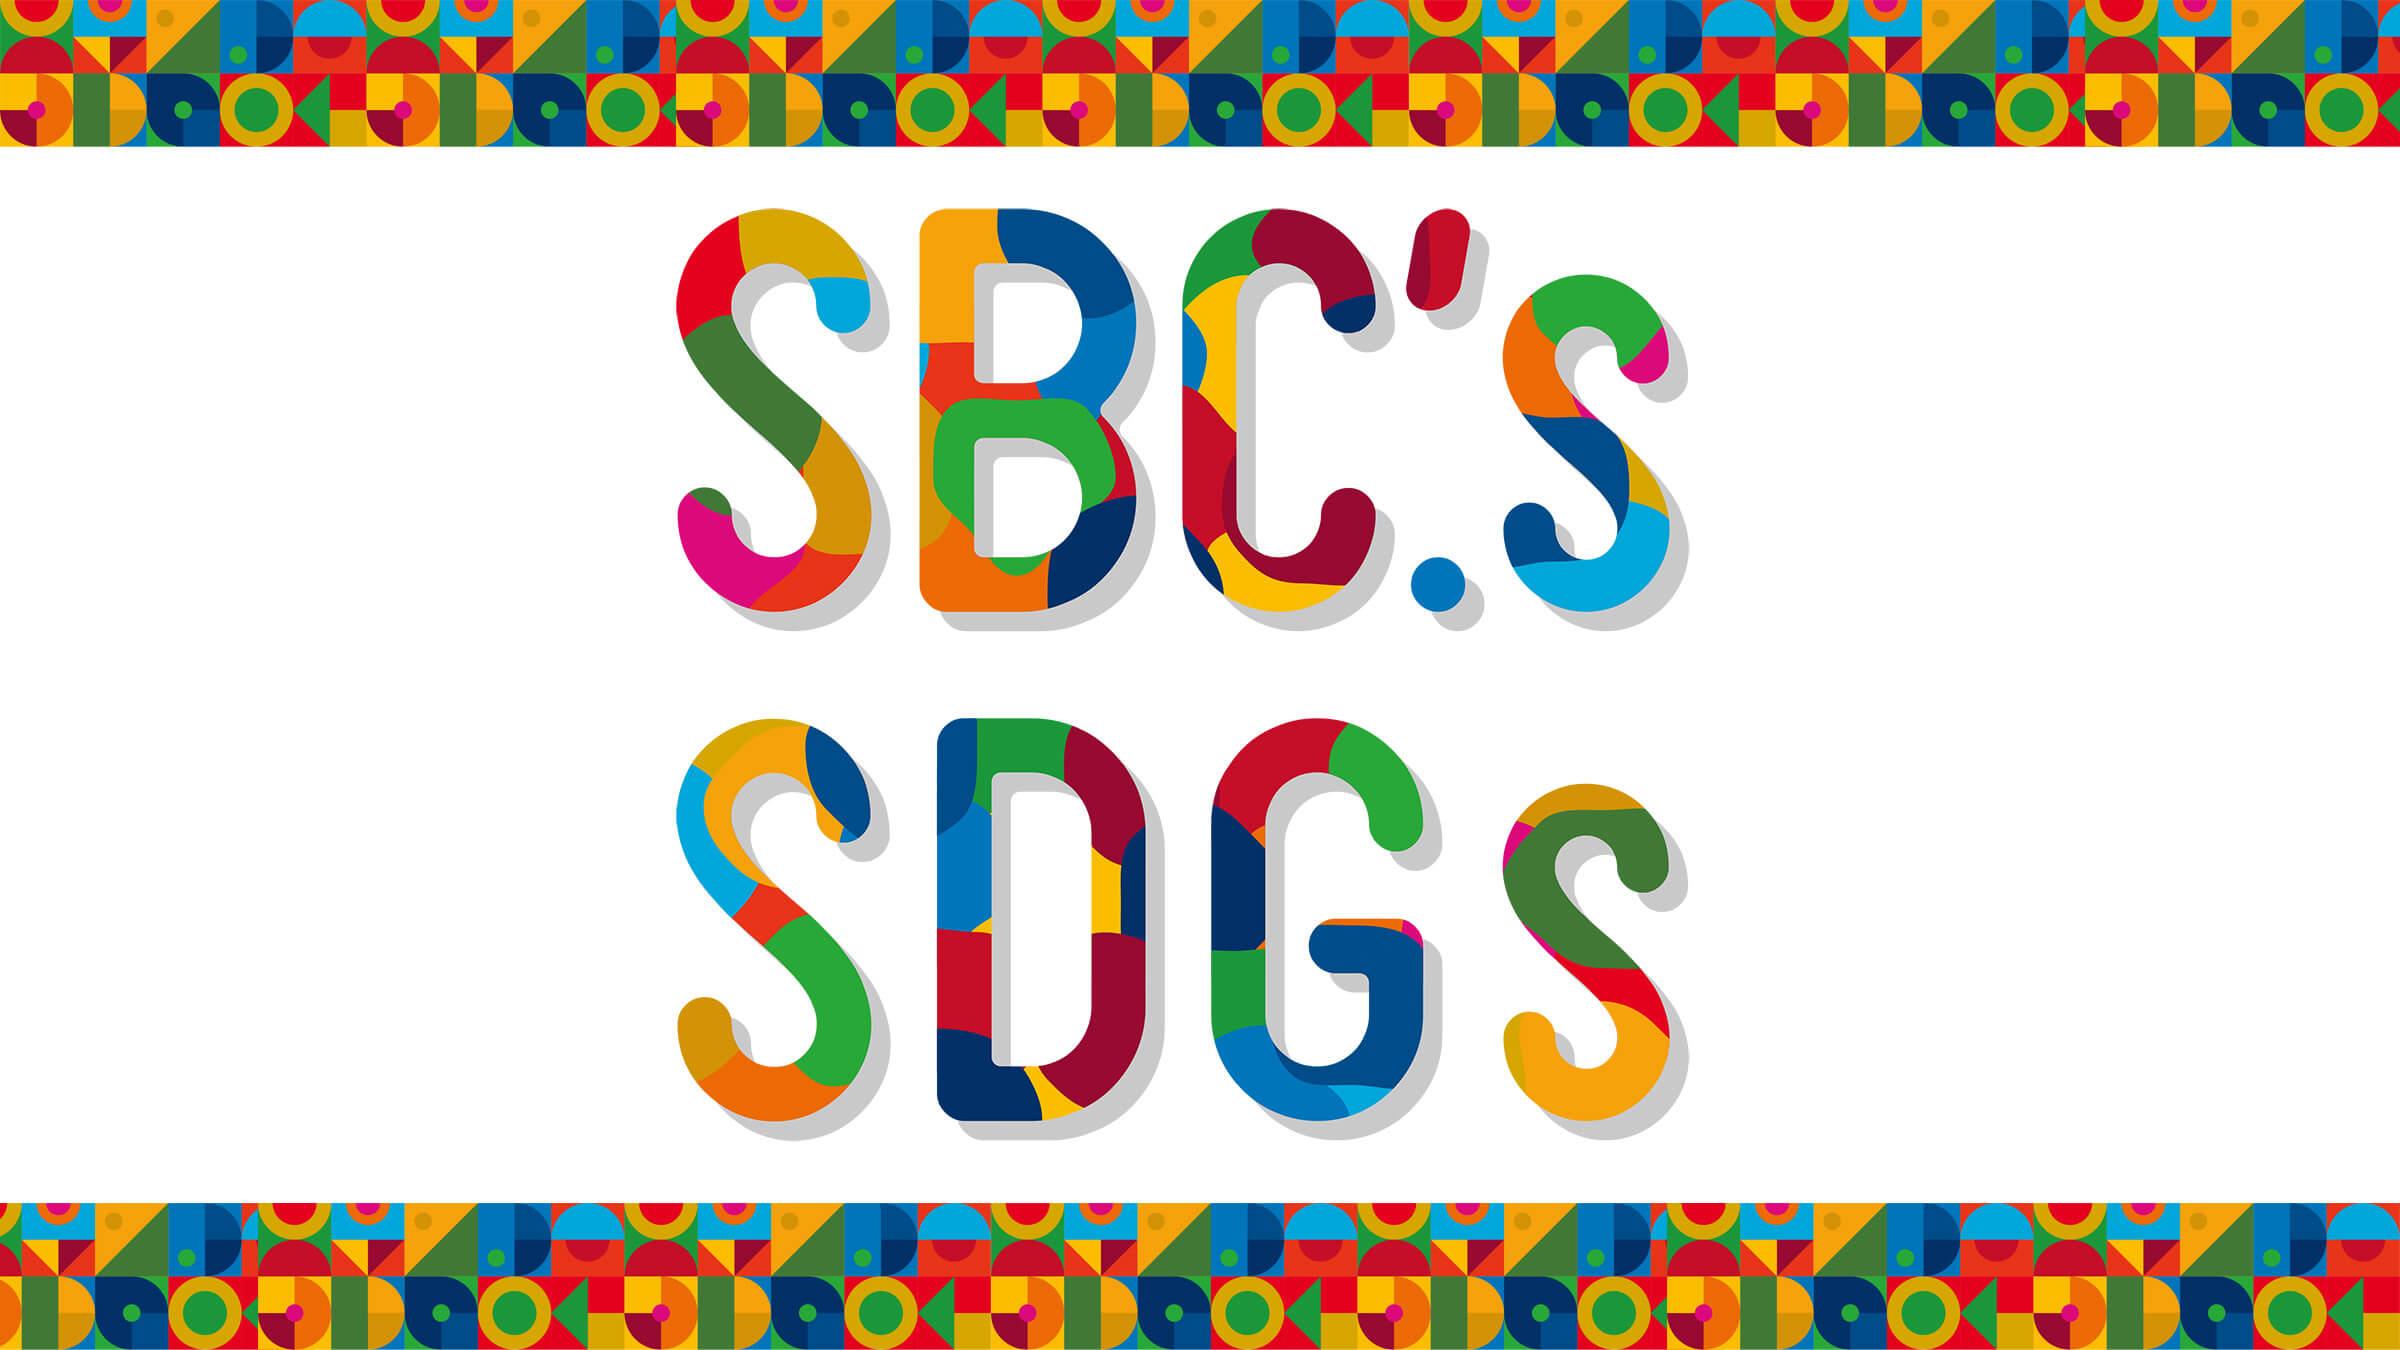 SBC.'S SDGs Image